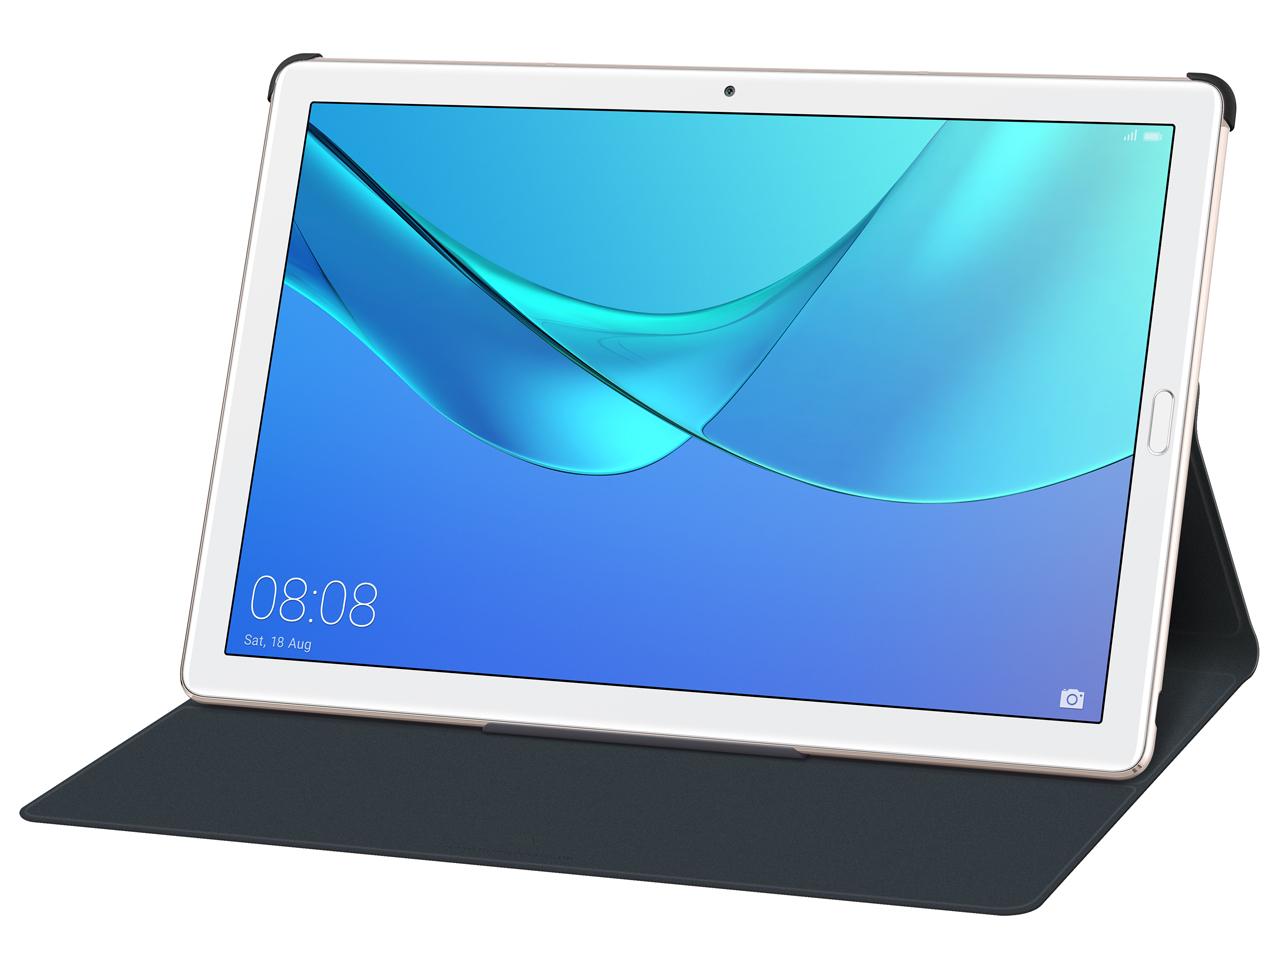 『本体 オリジナルスマートカバー装着時3』 MediaPad M5 Pro Wi-Fiモデル CMR-W19 の製品画像